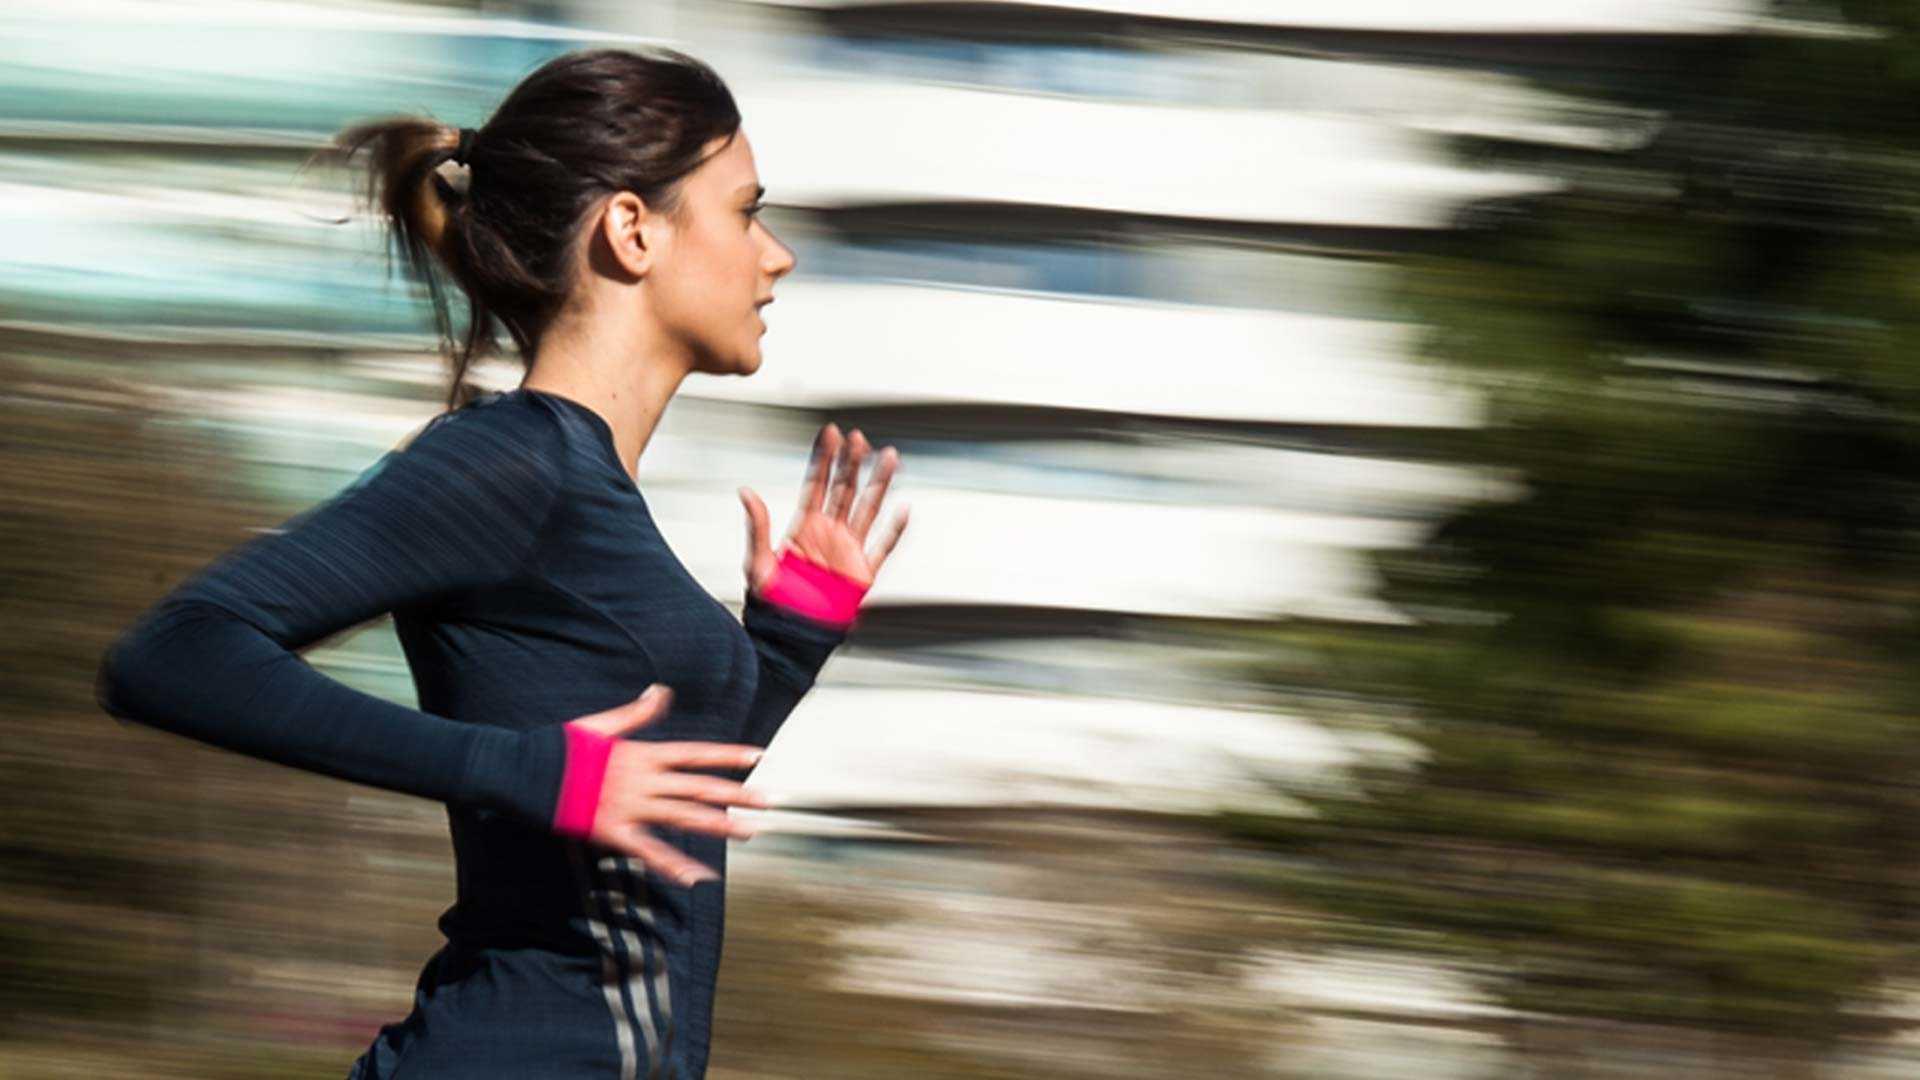 Гормоны помогают женщинам в спорте